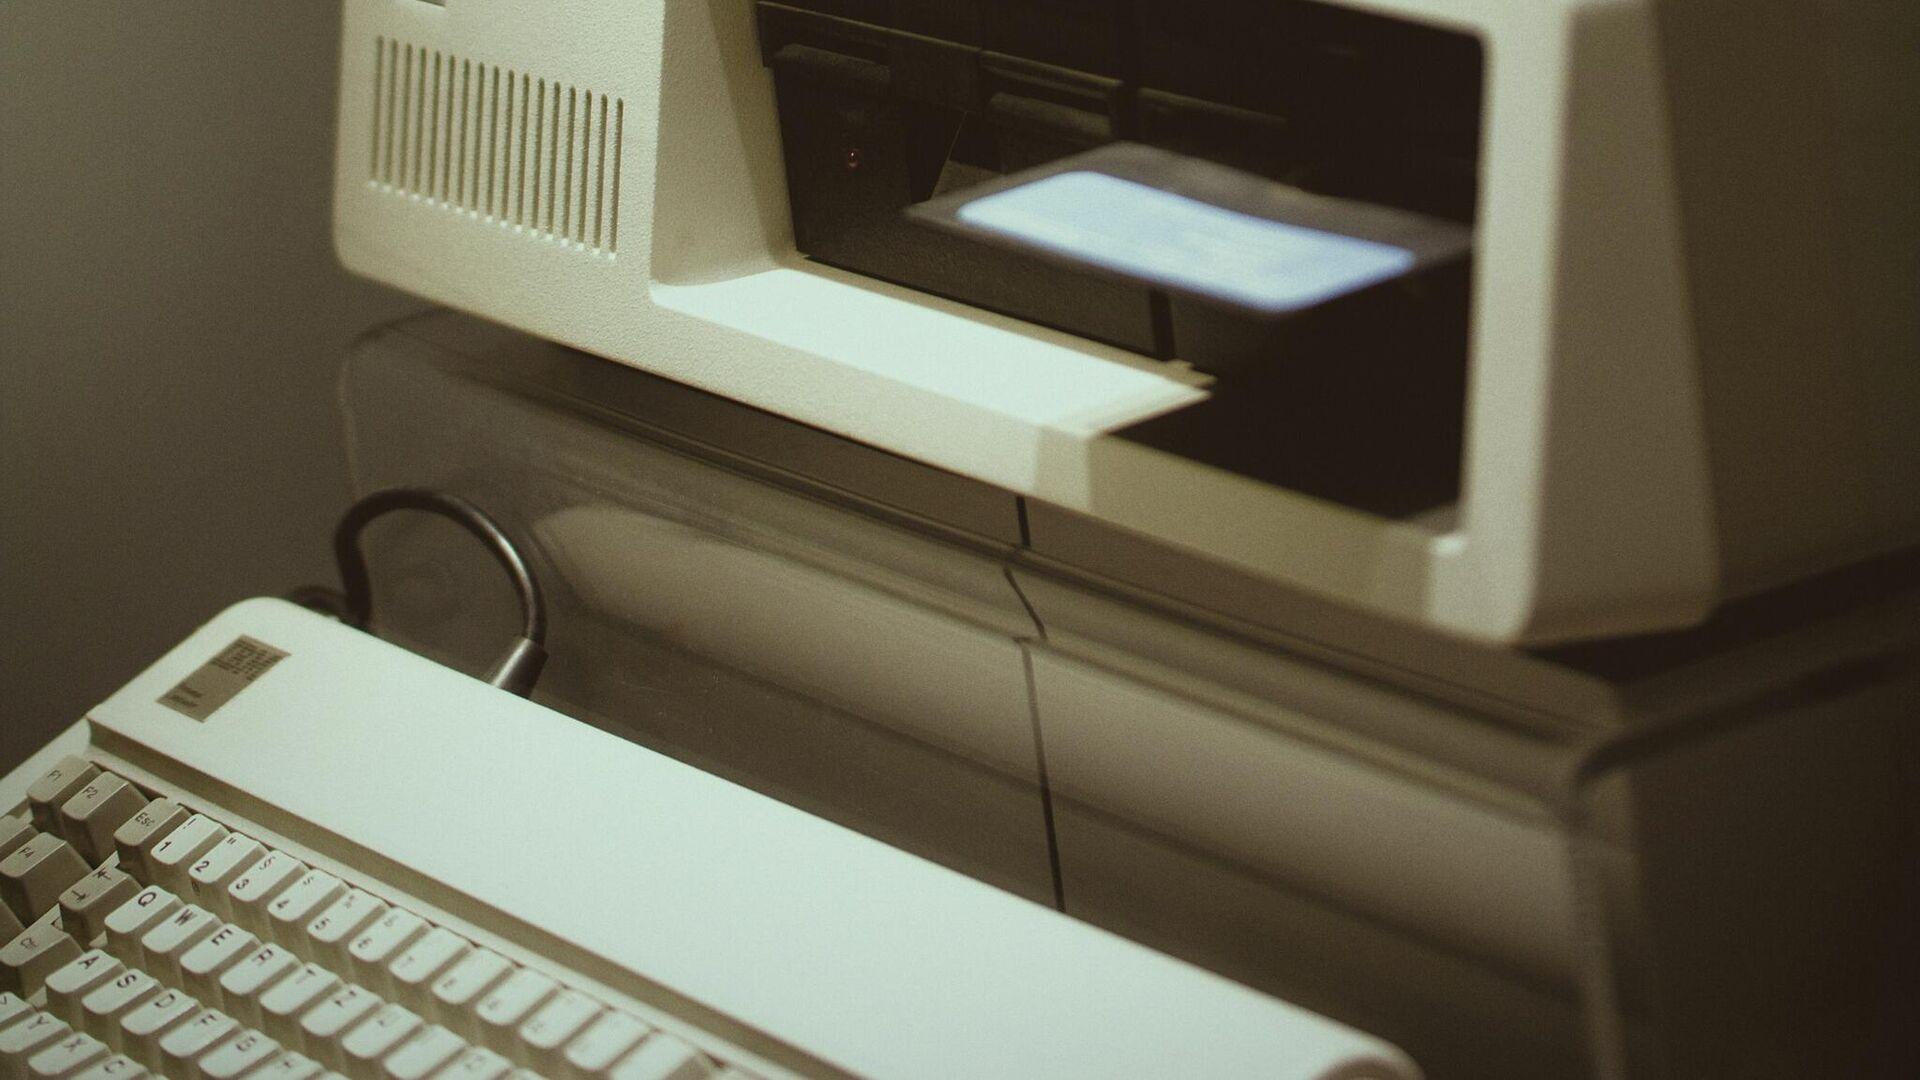 Una computadora antigua (imagen referencial) - Sputnik Mundo, 1920, 31.03.2021